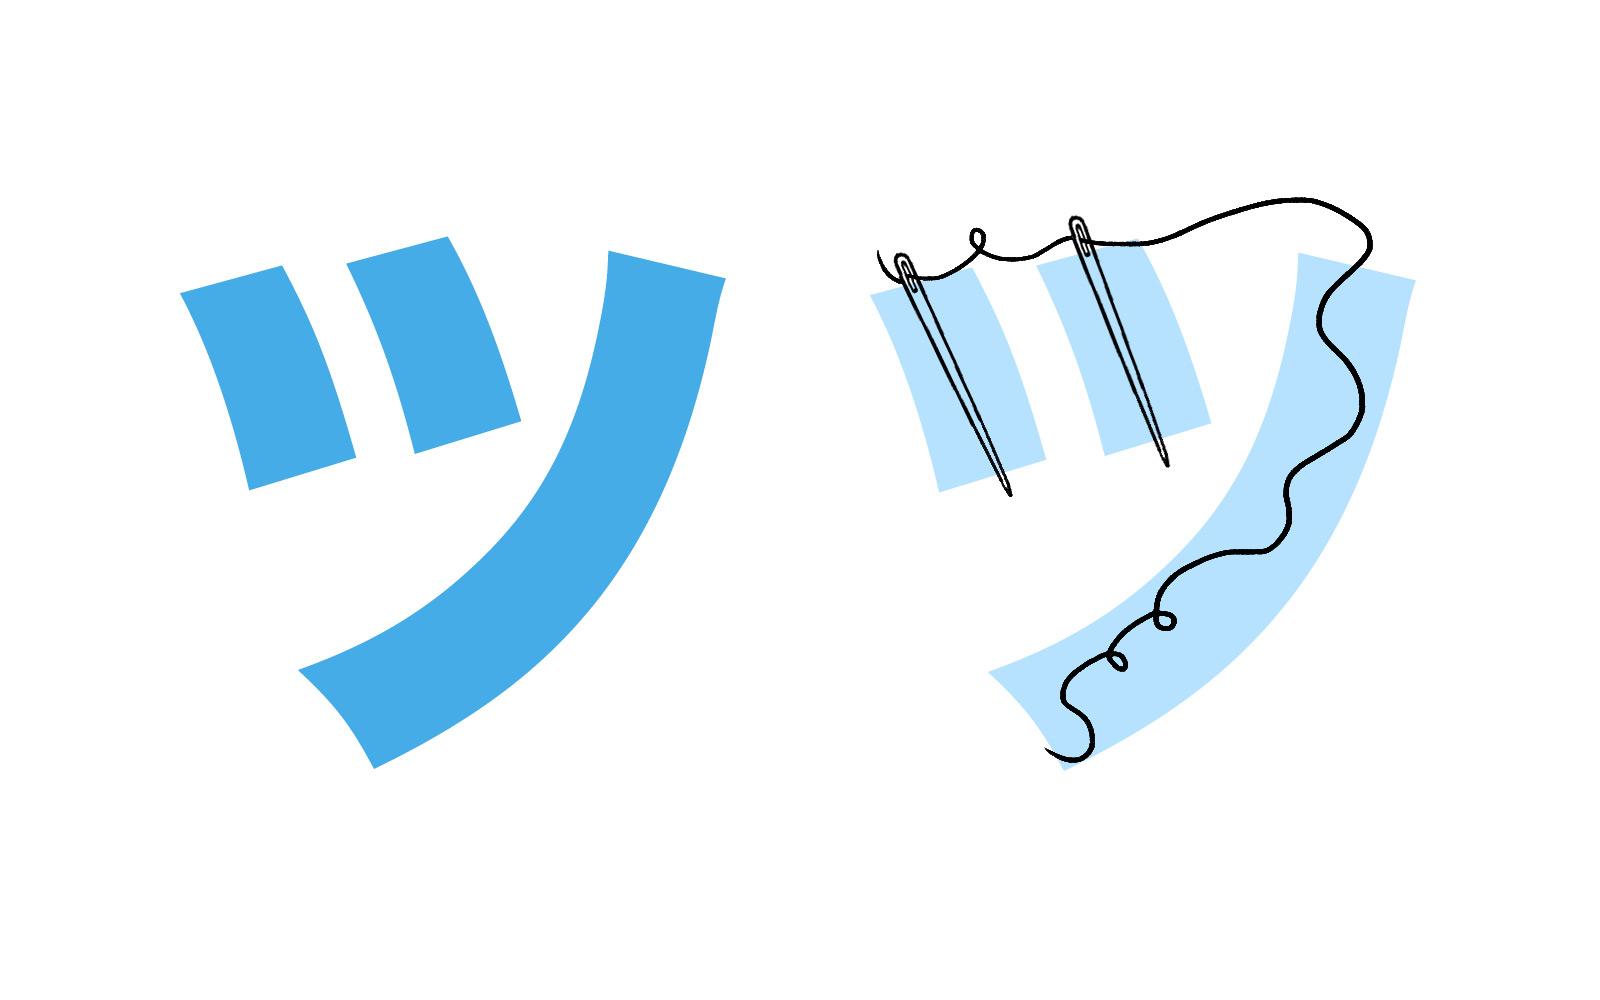 Katakana character ツ mnemonic